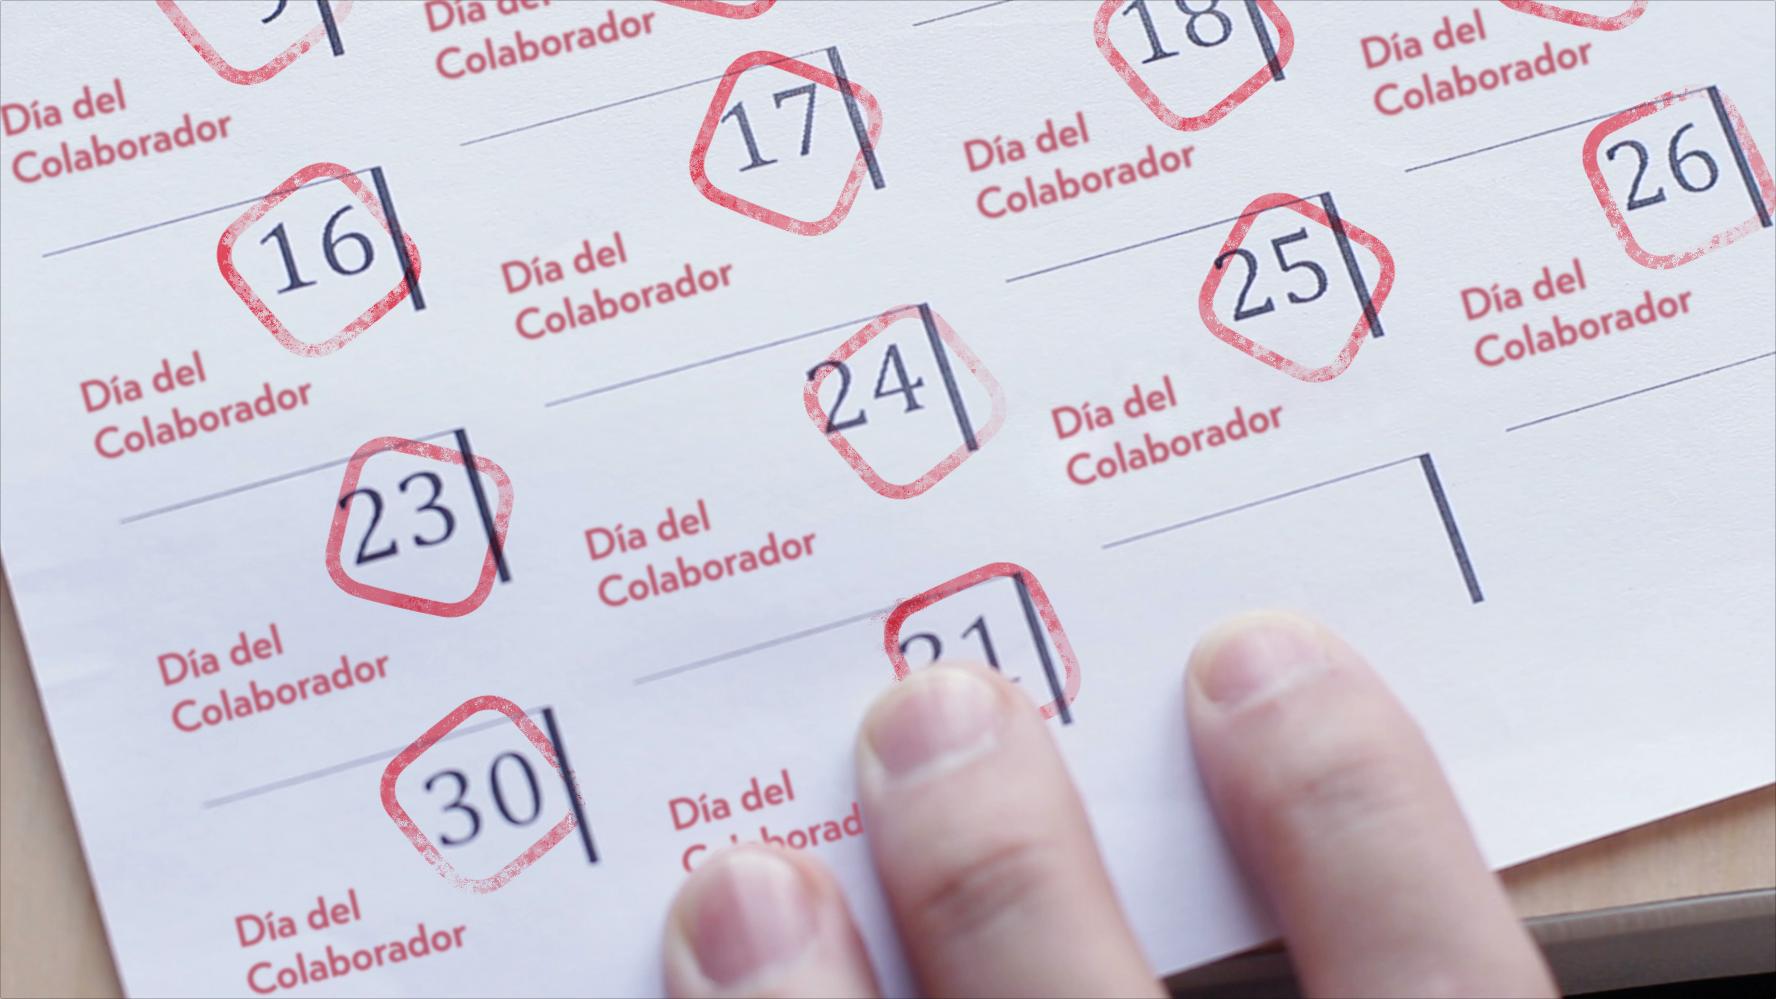 ¿Qué debimos celebrar en mayo?